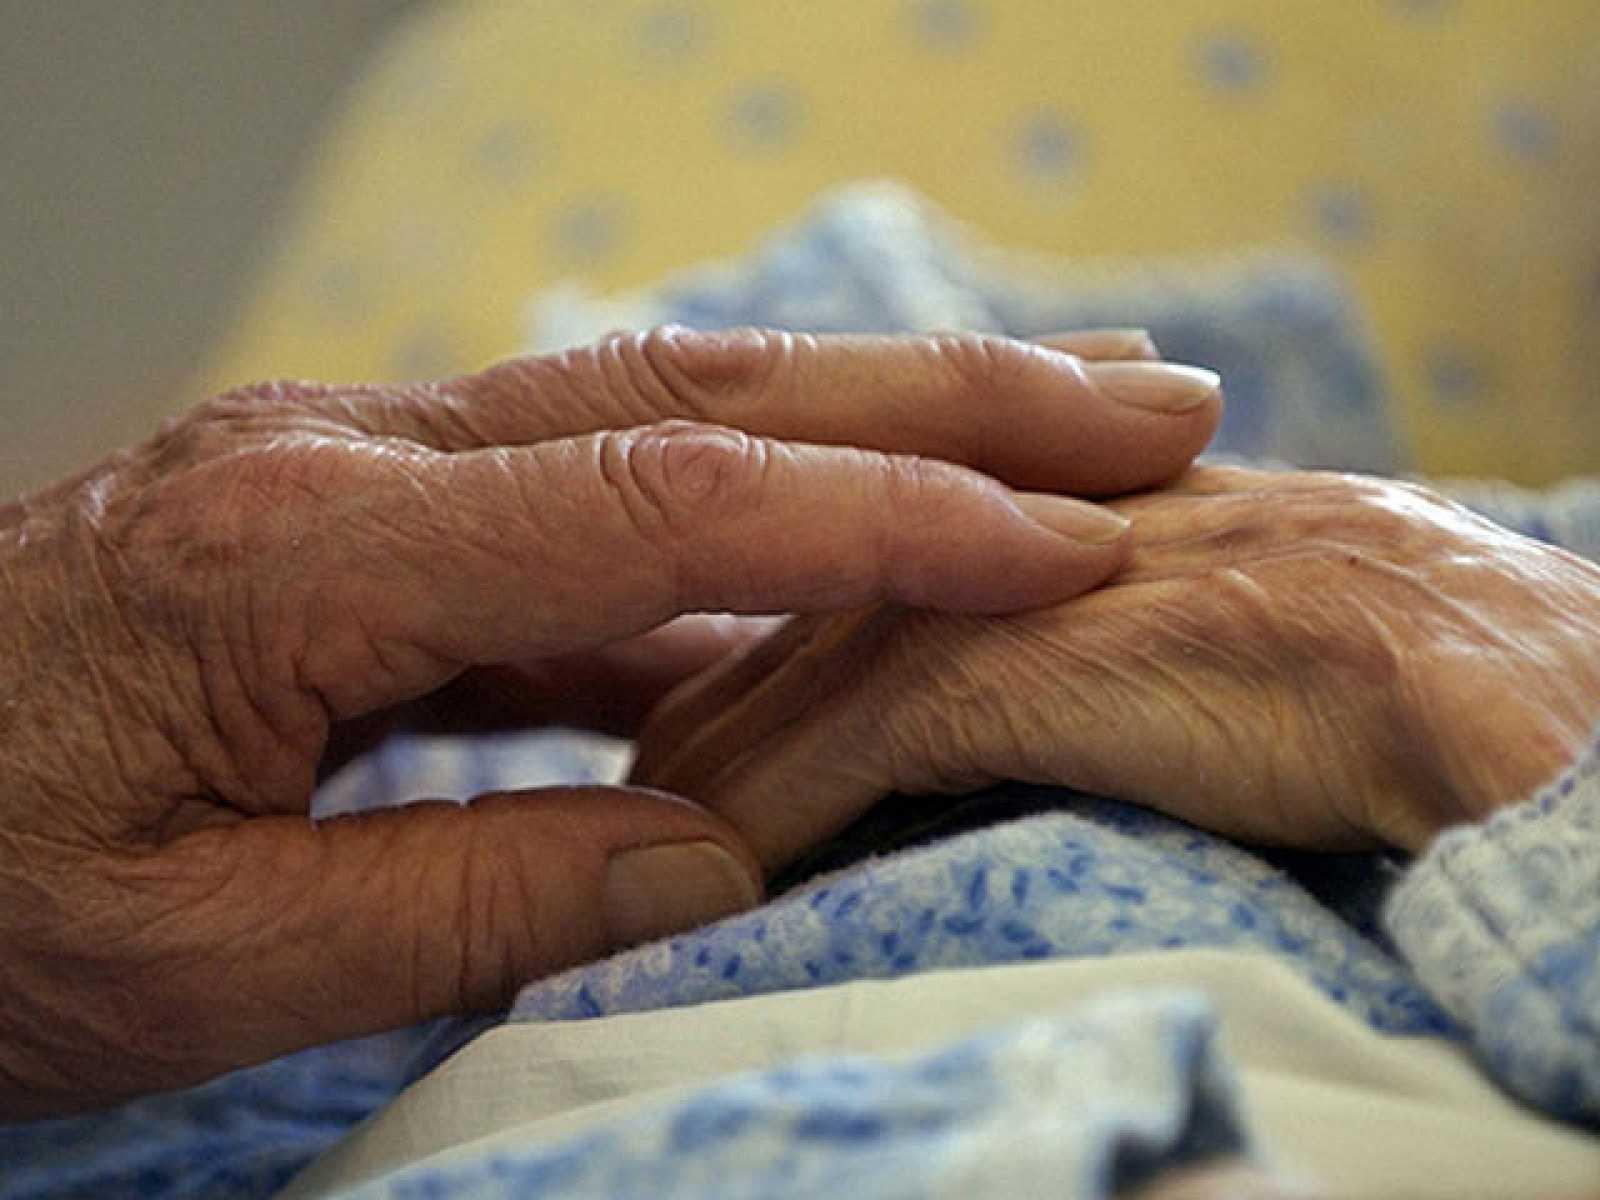 Los familiares de enfermos de Alzheimer dedican una media de seis años a cuidarles